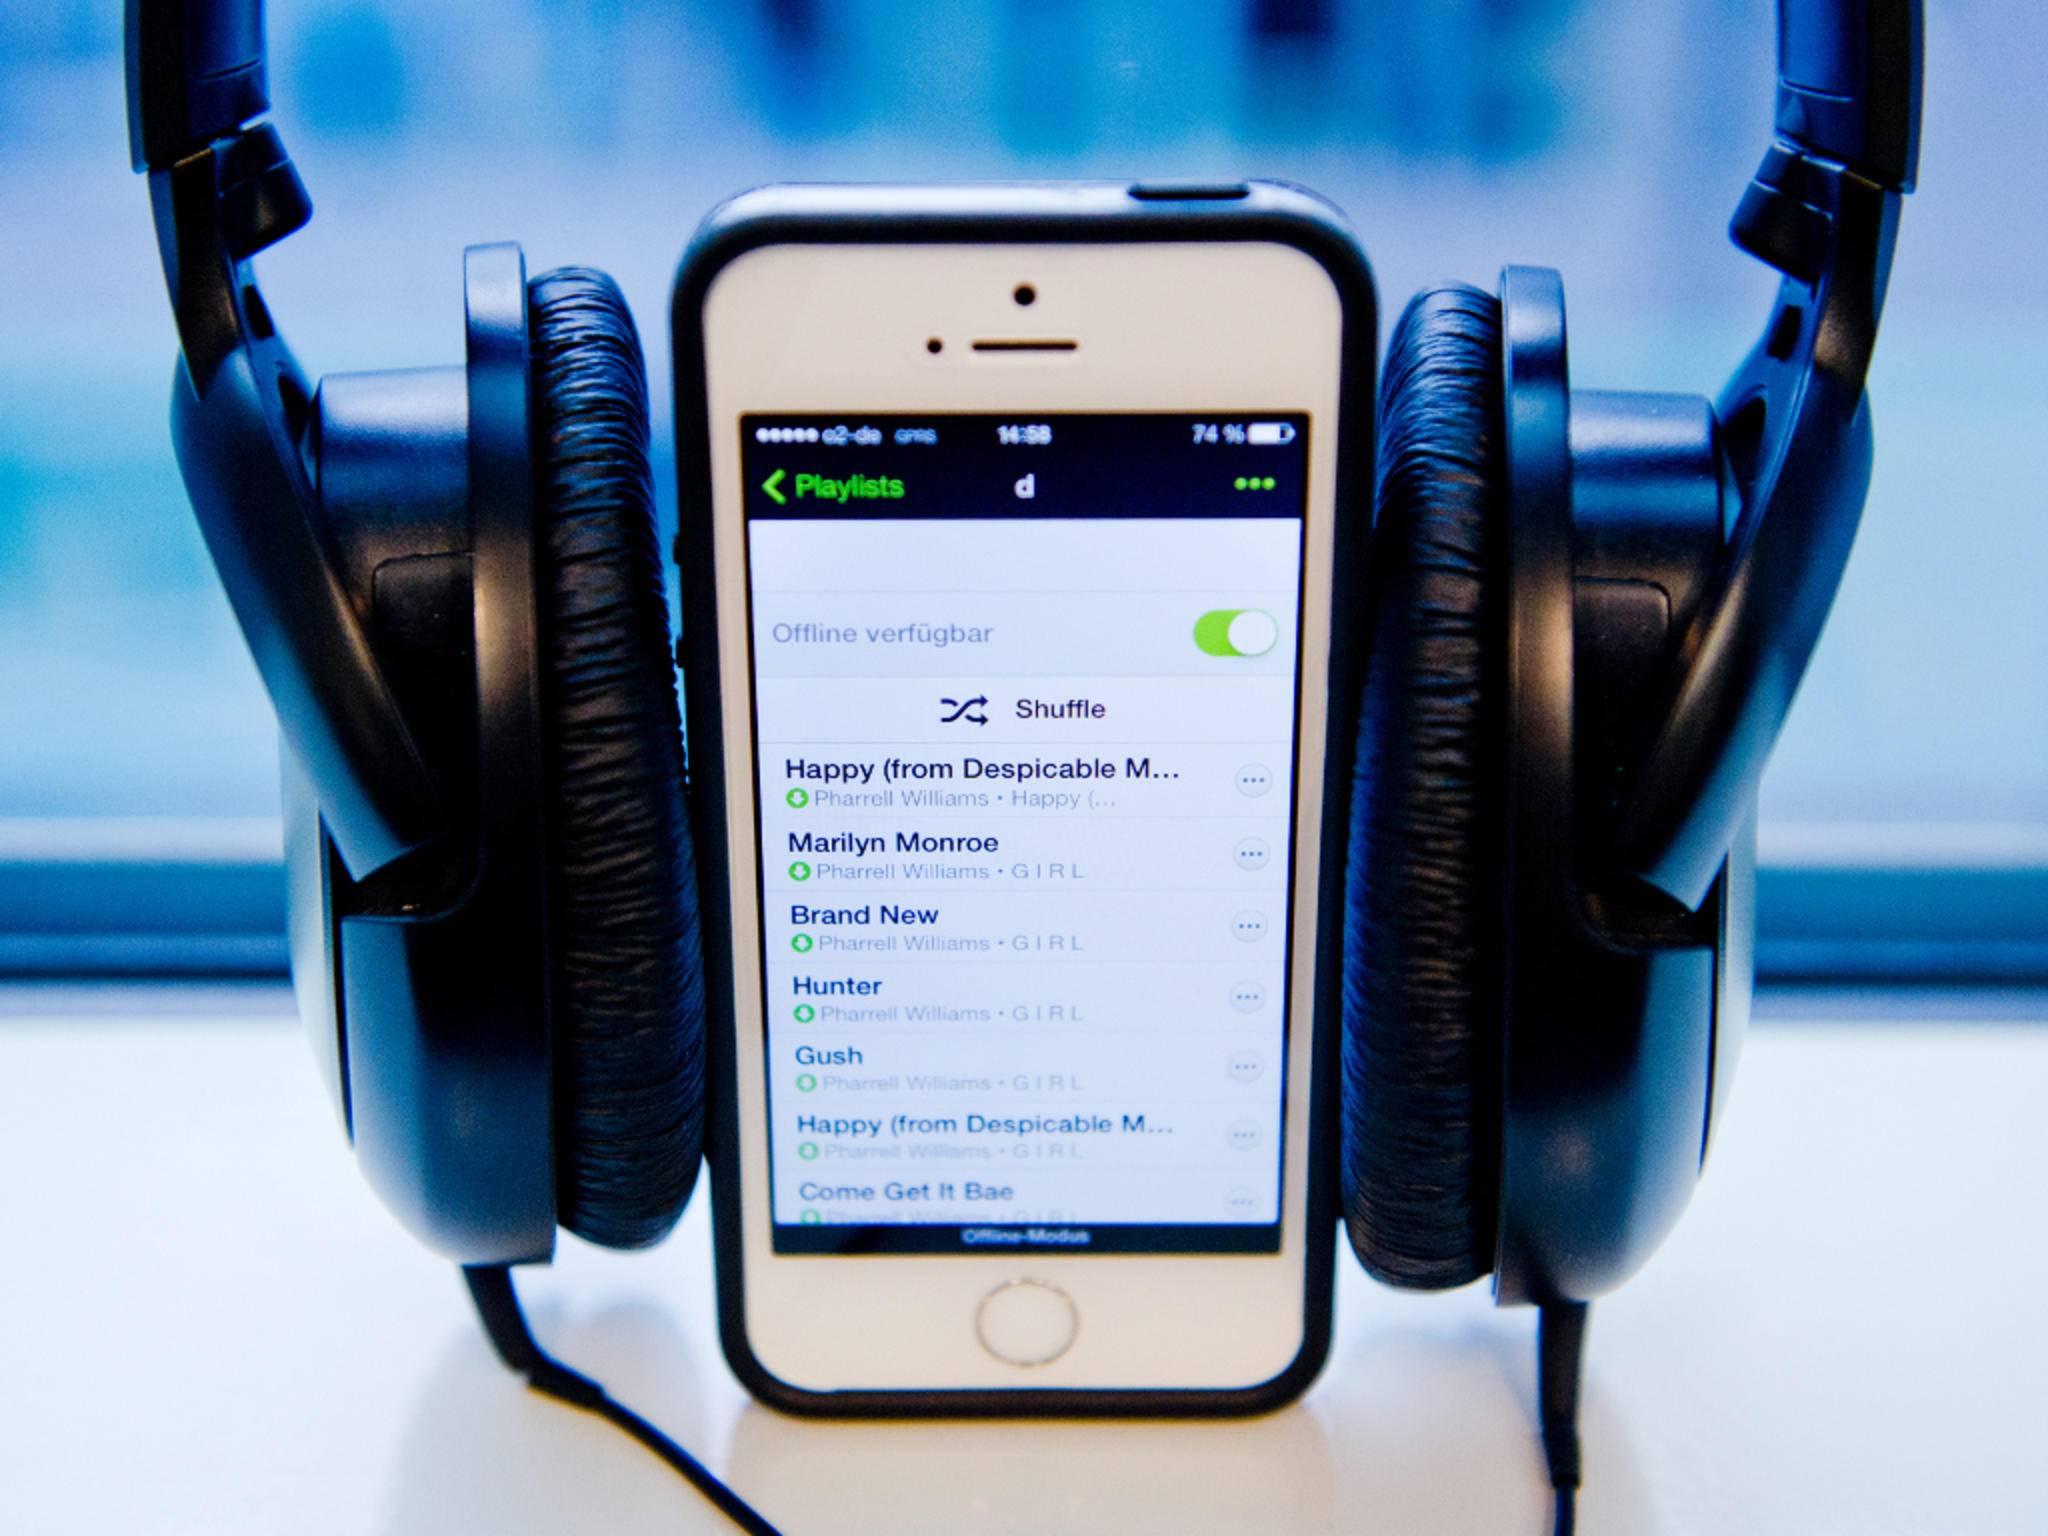 Musik kann auch ohne iTunes vom iPhone gelöscht werden.